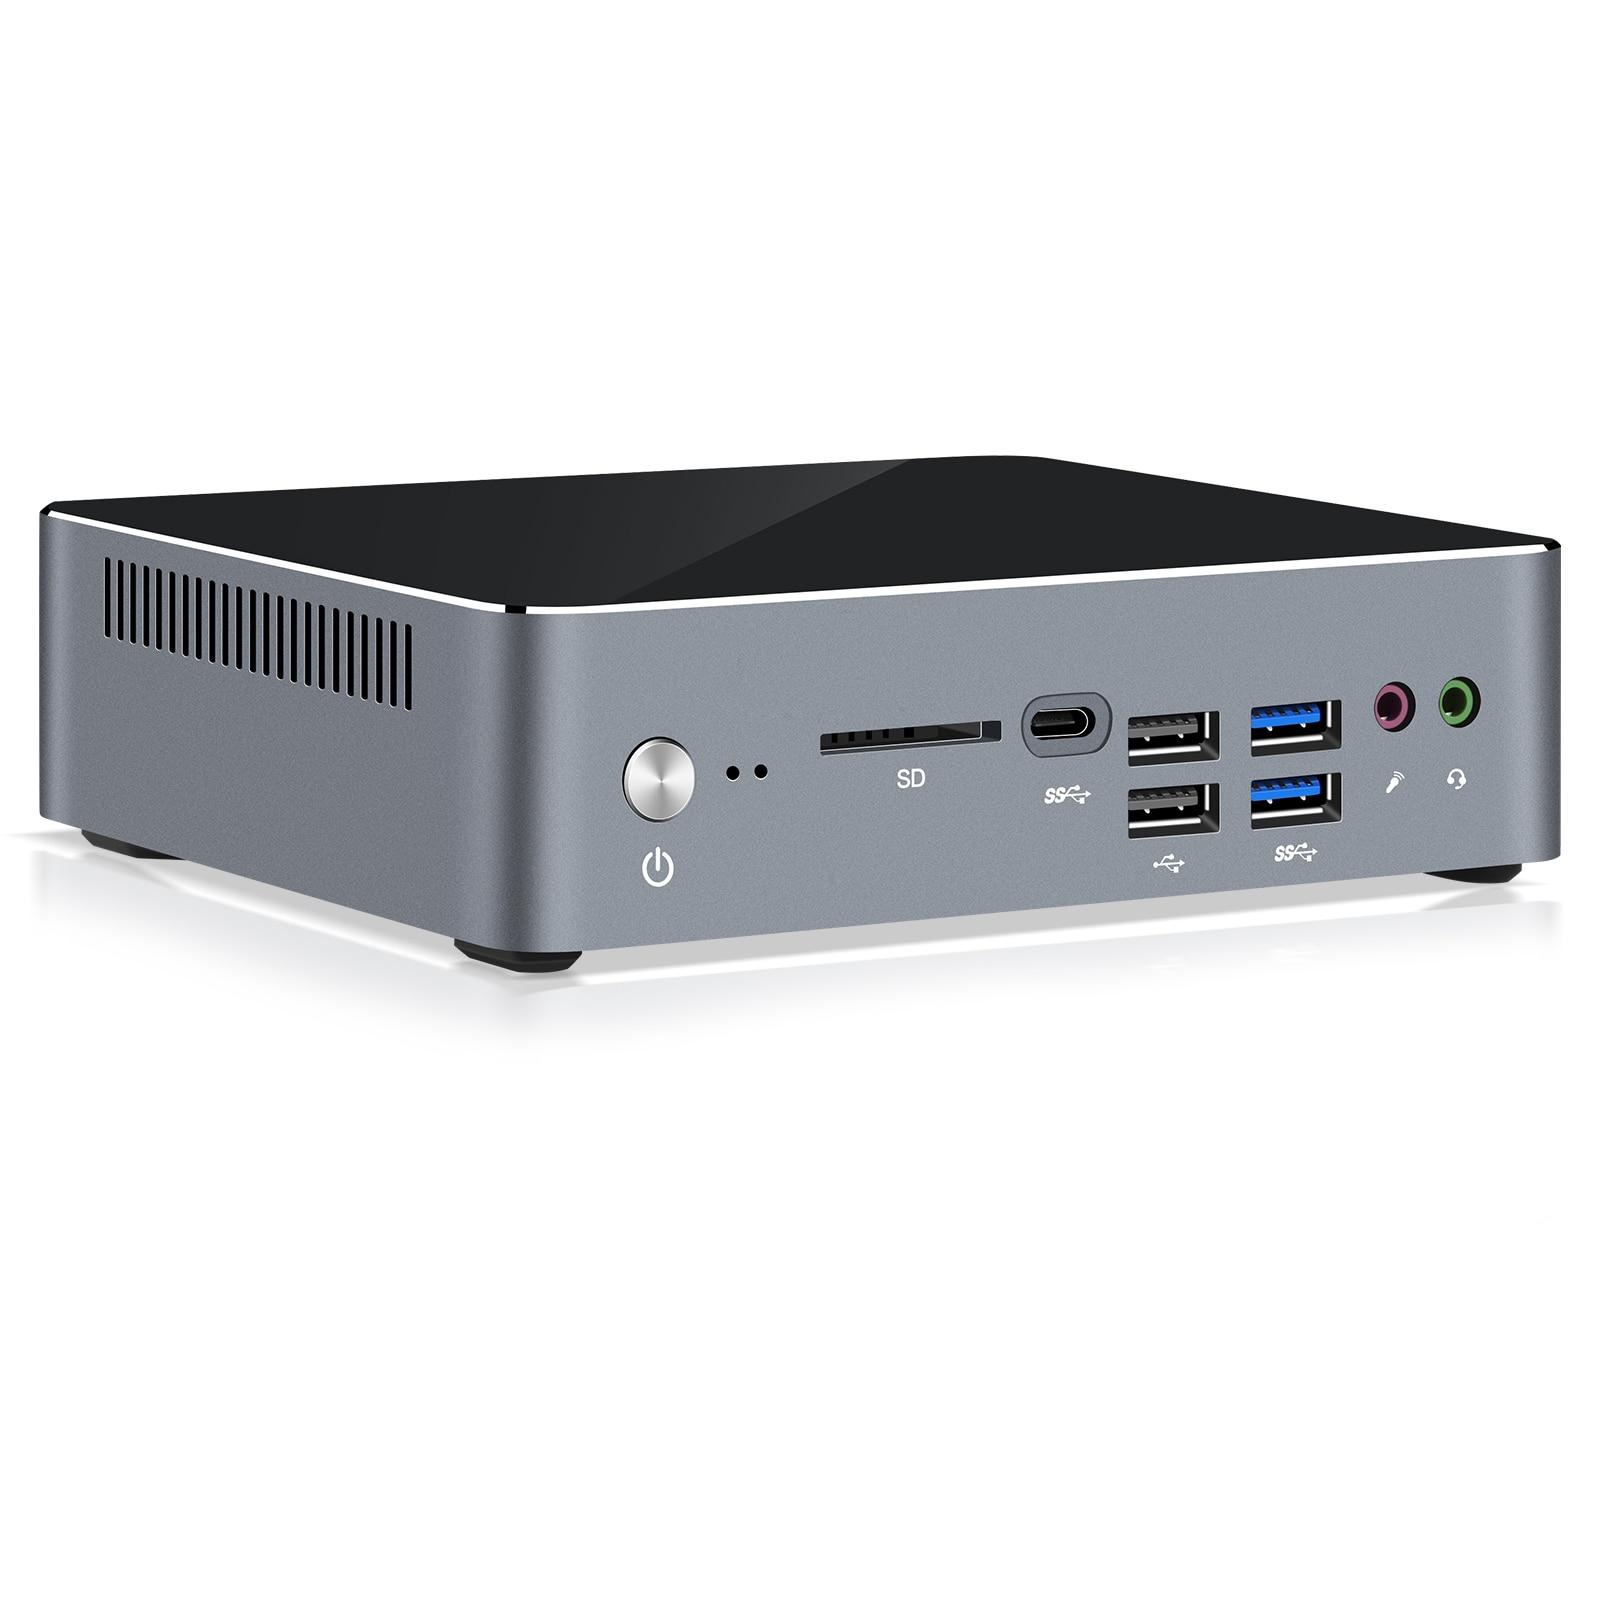 Chatreey mini pc i7 10510U i5 10210U Nvme SSD Windows 10 gaming desktop computer HTPC Dual Ram max 64GB